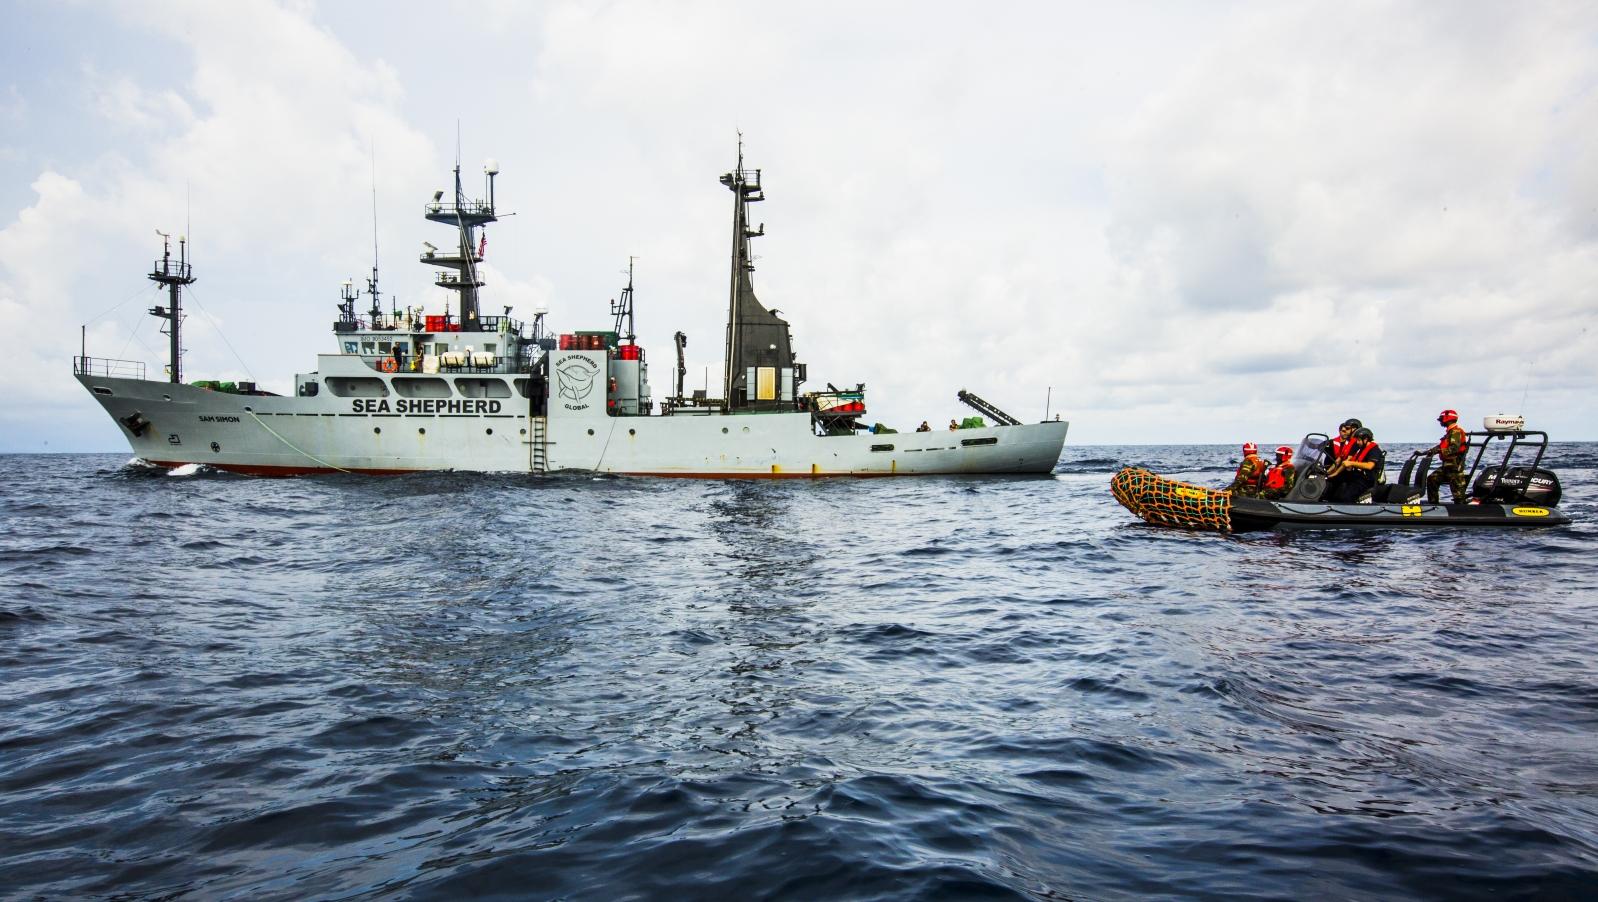 Operazone congiunta tra Sea Shepherd e la Guardia Costiera liberiana